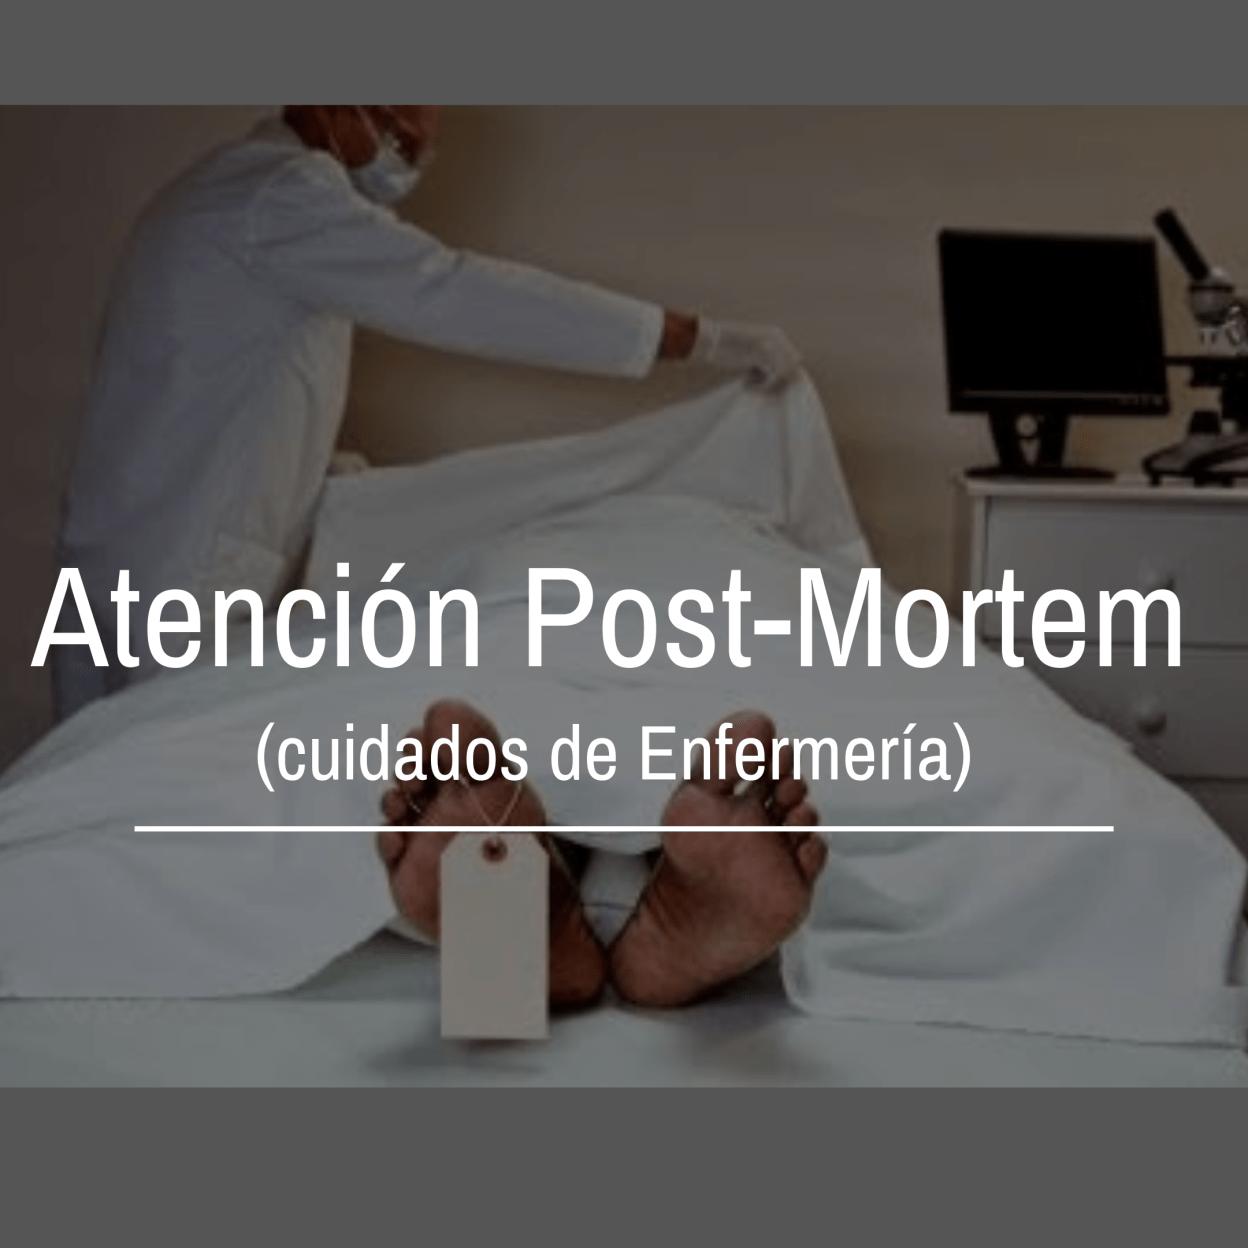 La atención post-mortem es el conjunto de intervenciones de enfermería que se proporcionan al cadáver y a sus familiares.